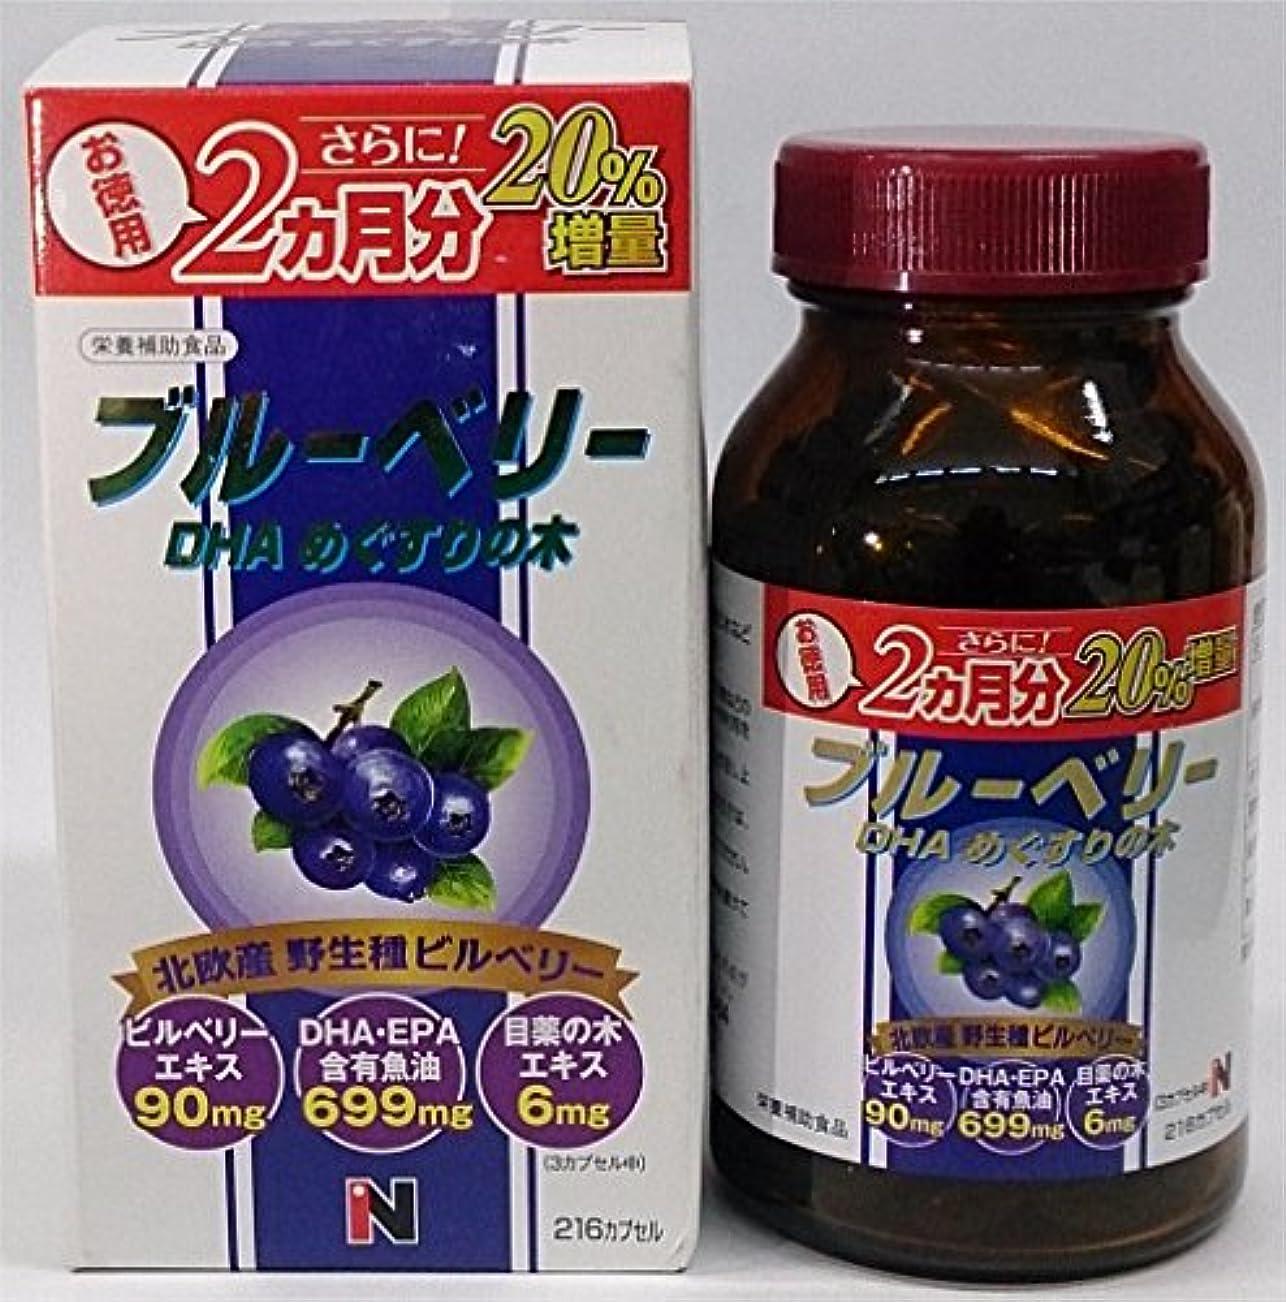 ベジタリアンネックレス蜂徳用ブルーベリー+DHA+メグスリの木 216cp